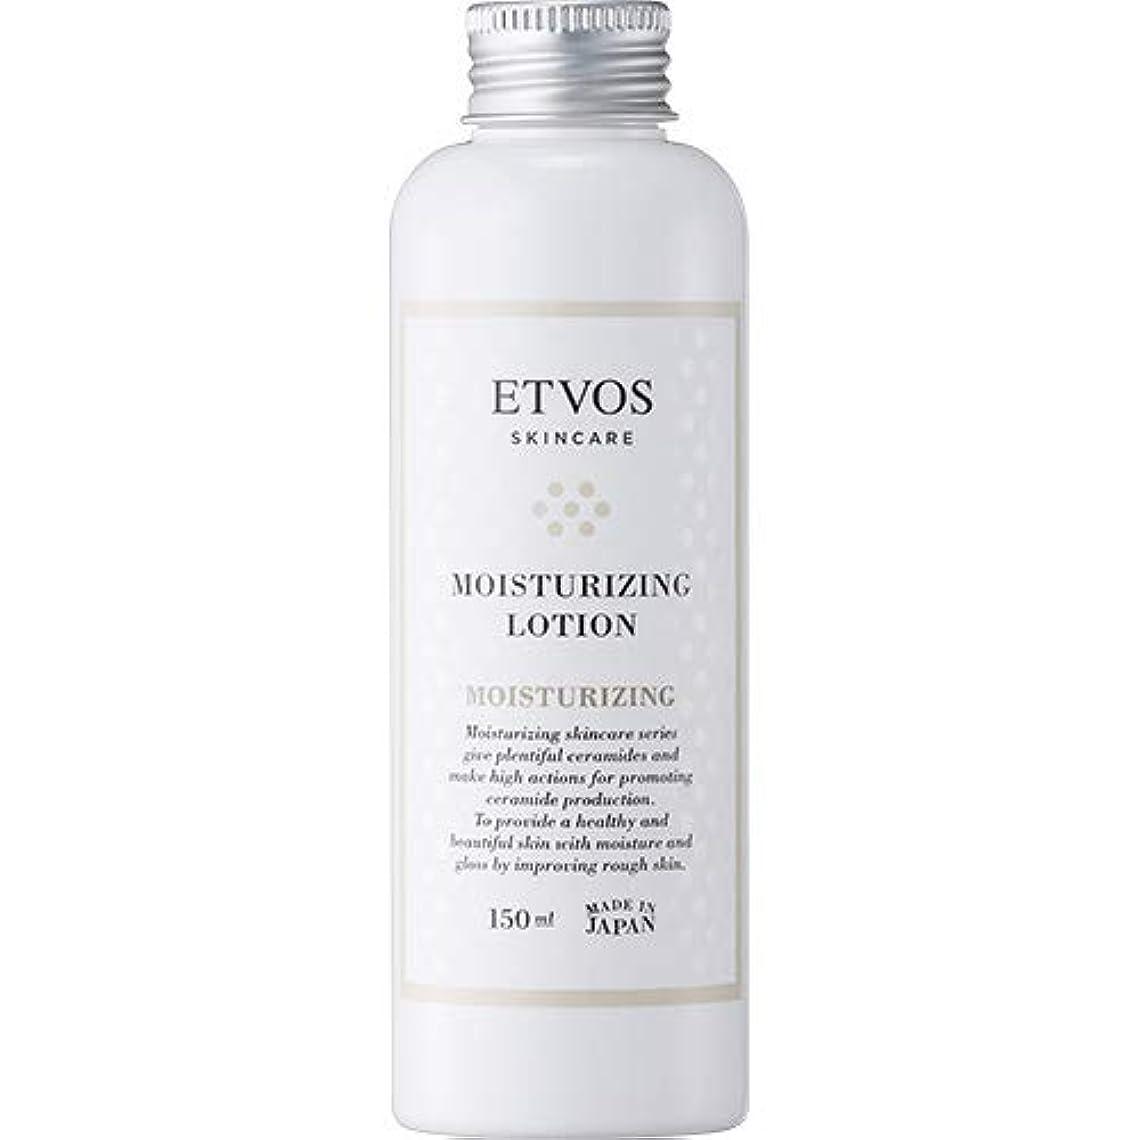 しゃがむ勧告回転ETVOS(エトヴォス) 保湿化粧水 モイスチャライジングローション 150ml セラミド 乾燥肌 パラベンフリー